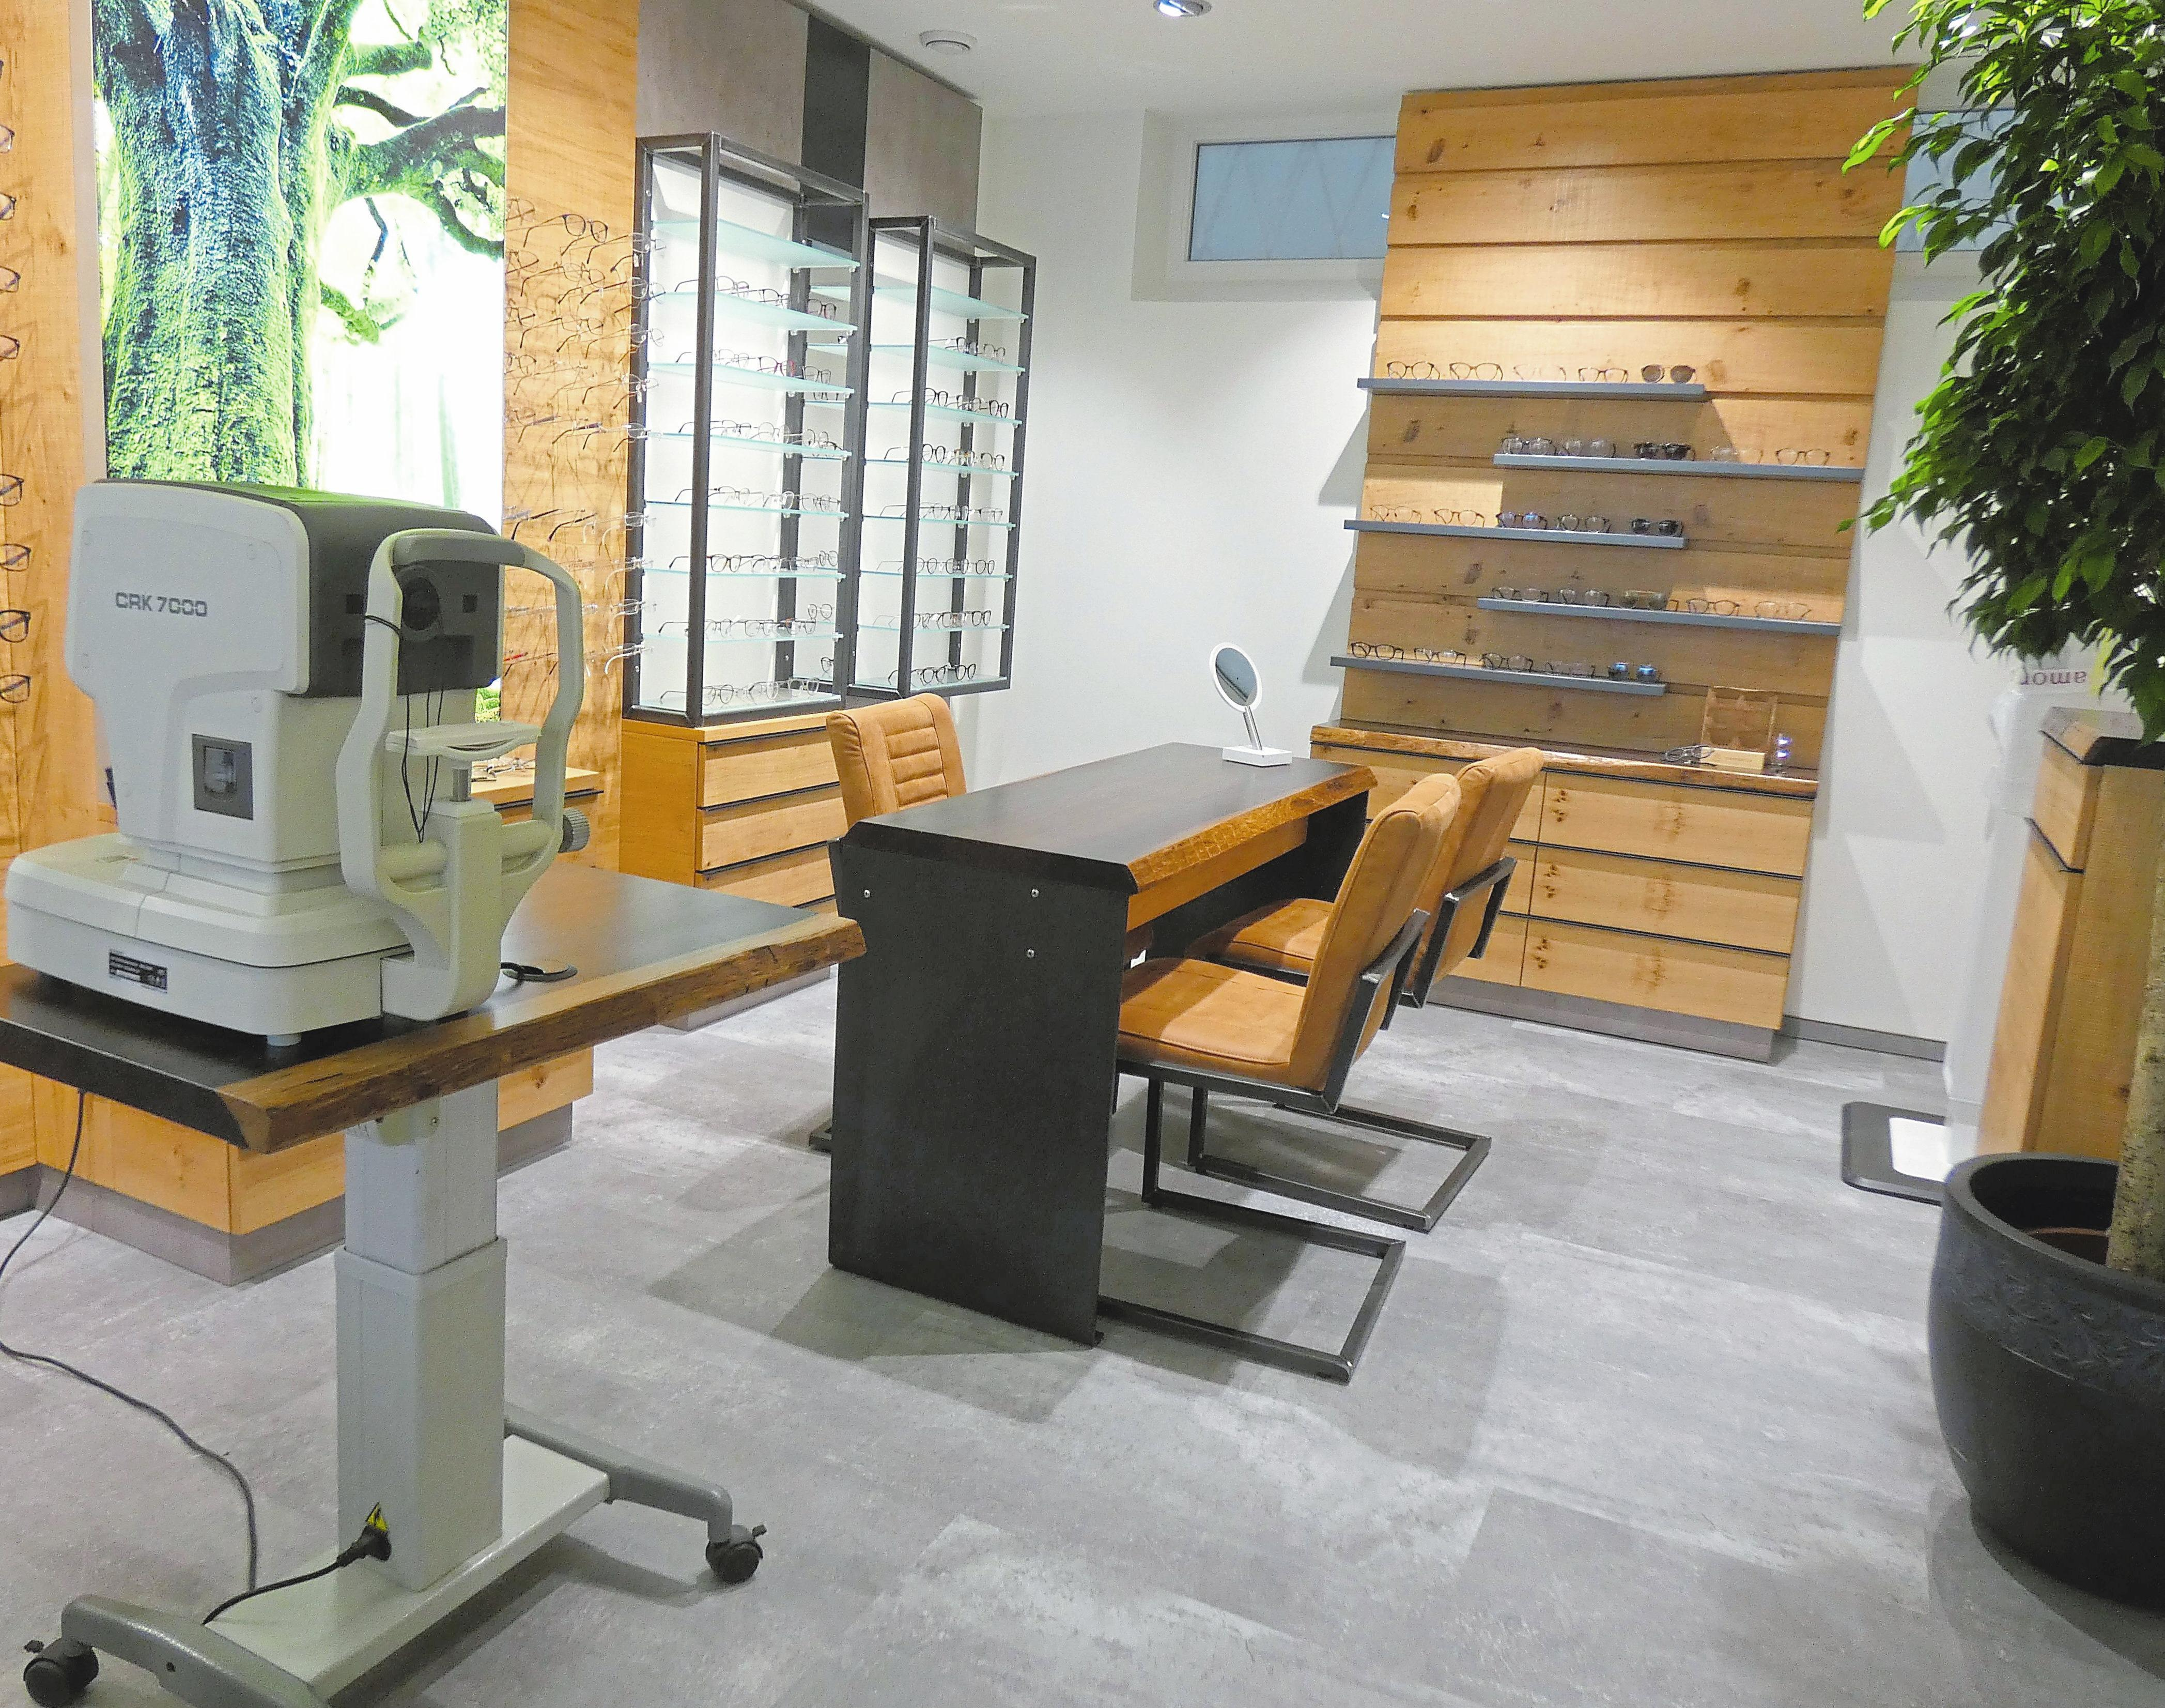 Holz, Naturfußböden und Grünpflanzen steigern das Ambiente des neugestalteten Optikbereiches von Uhren Optik Schmuck Pieper.